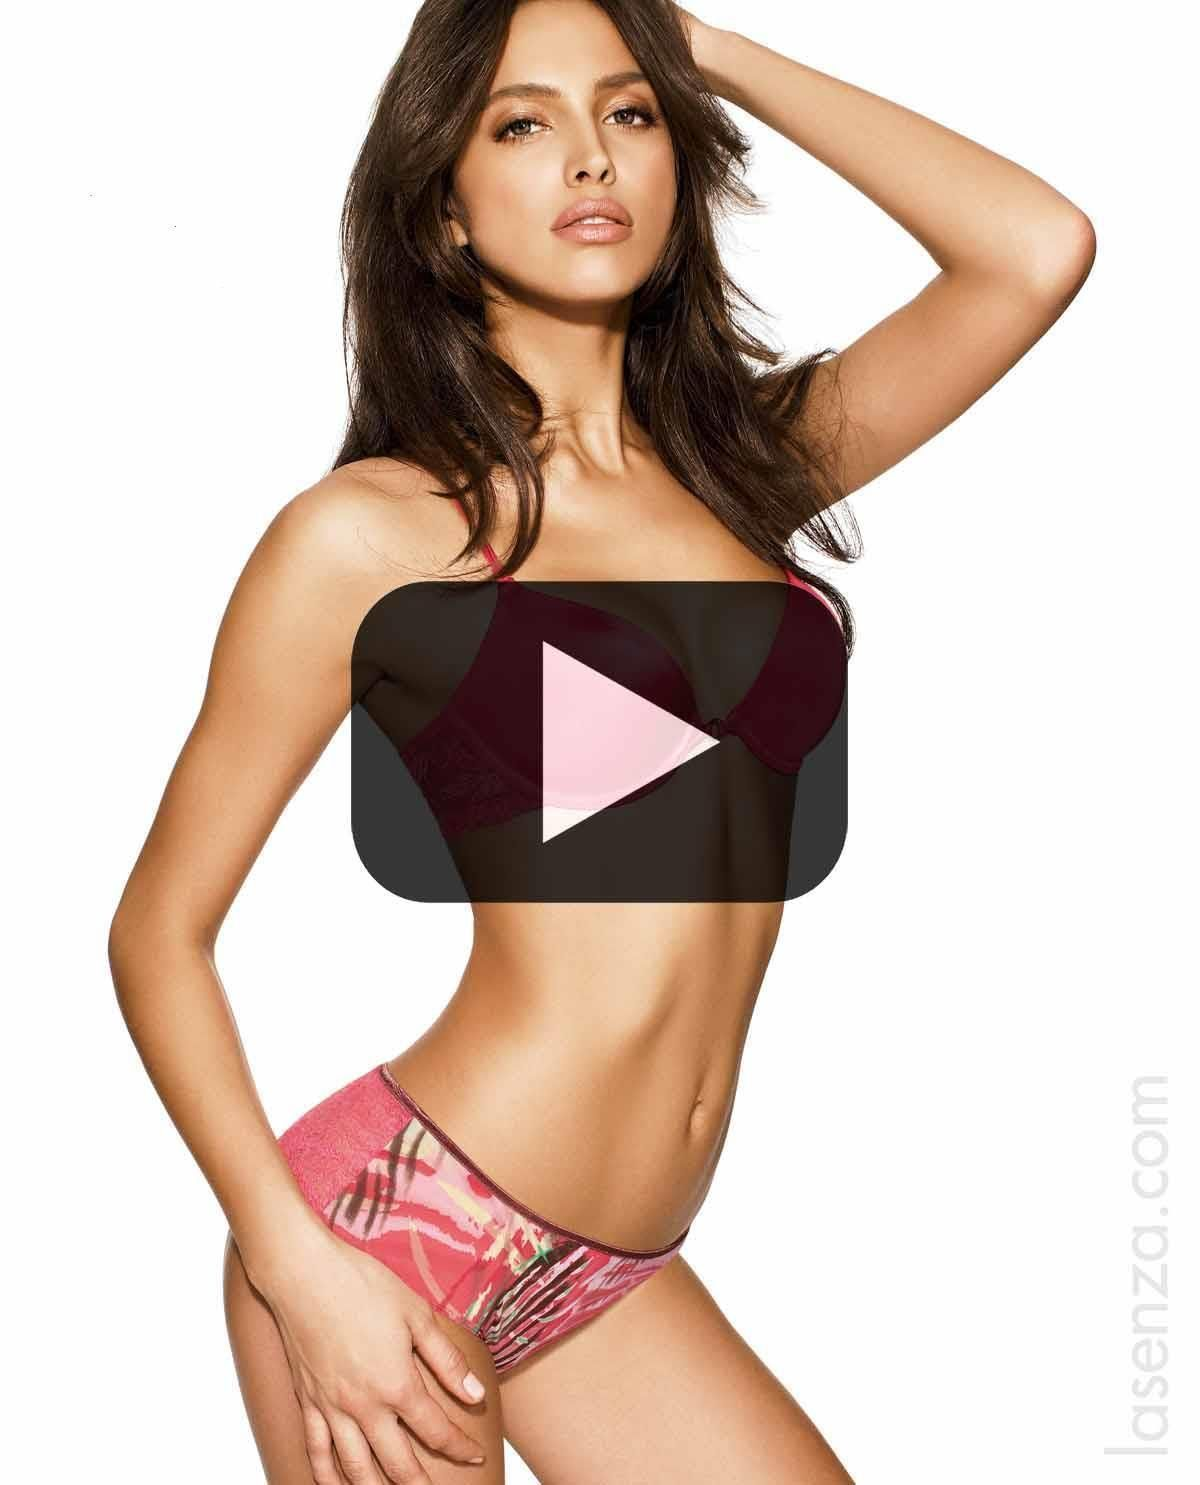 Teen model dad porn pics